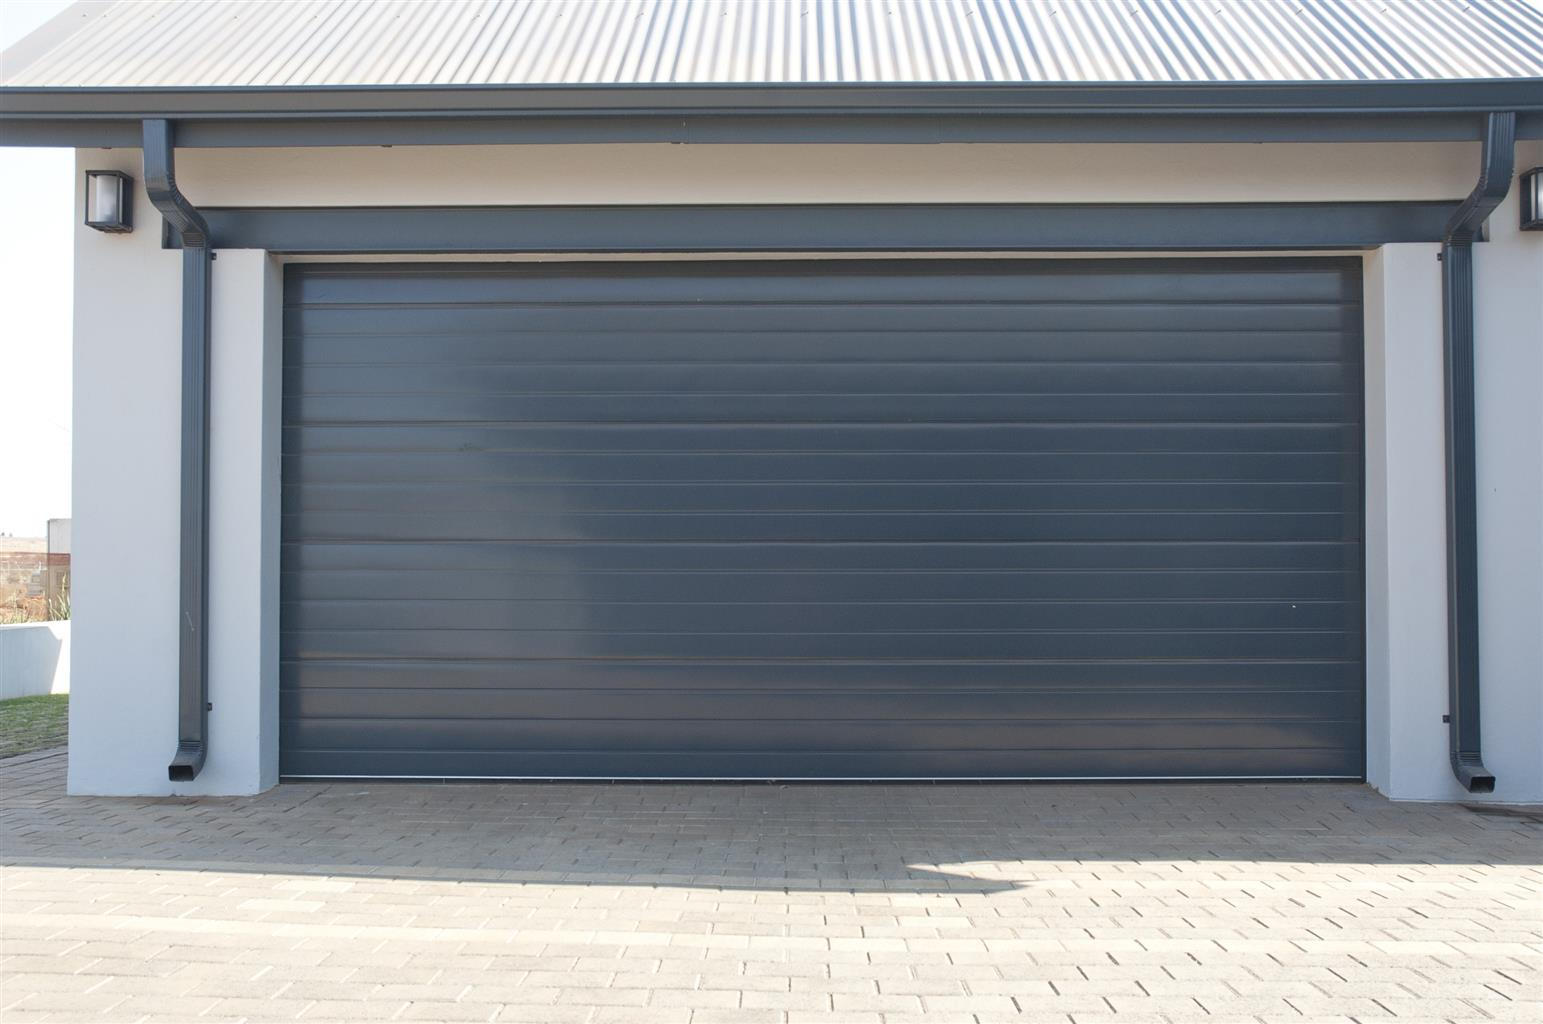 Insulated steel garage doors in Roodepoort